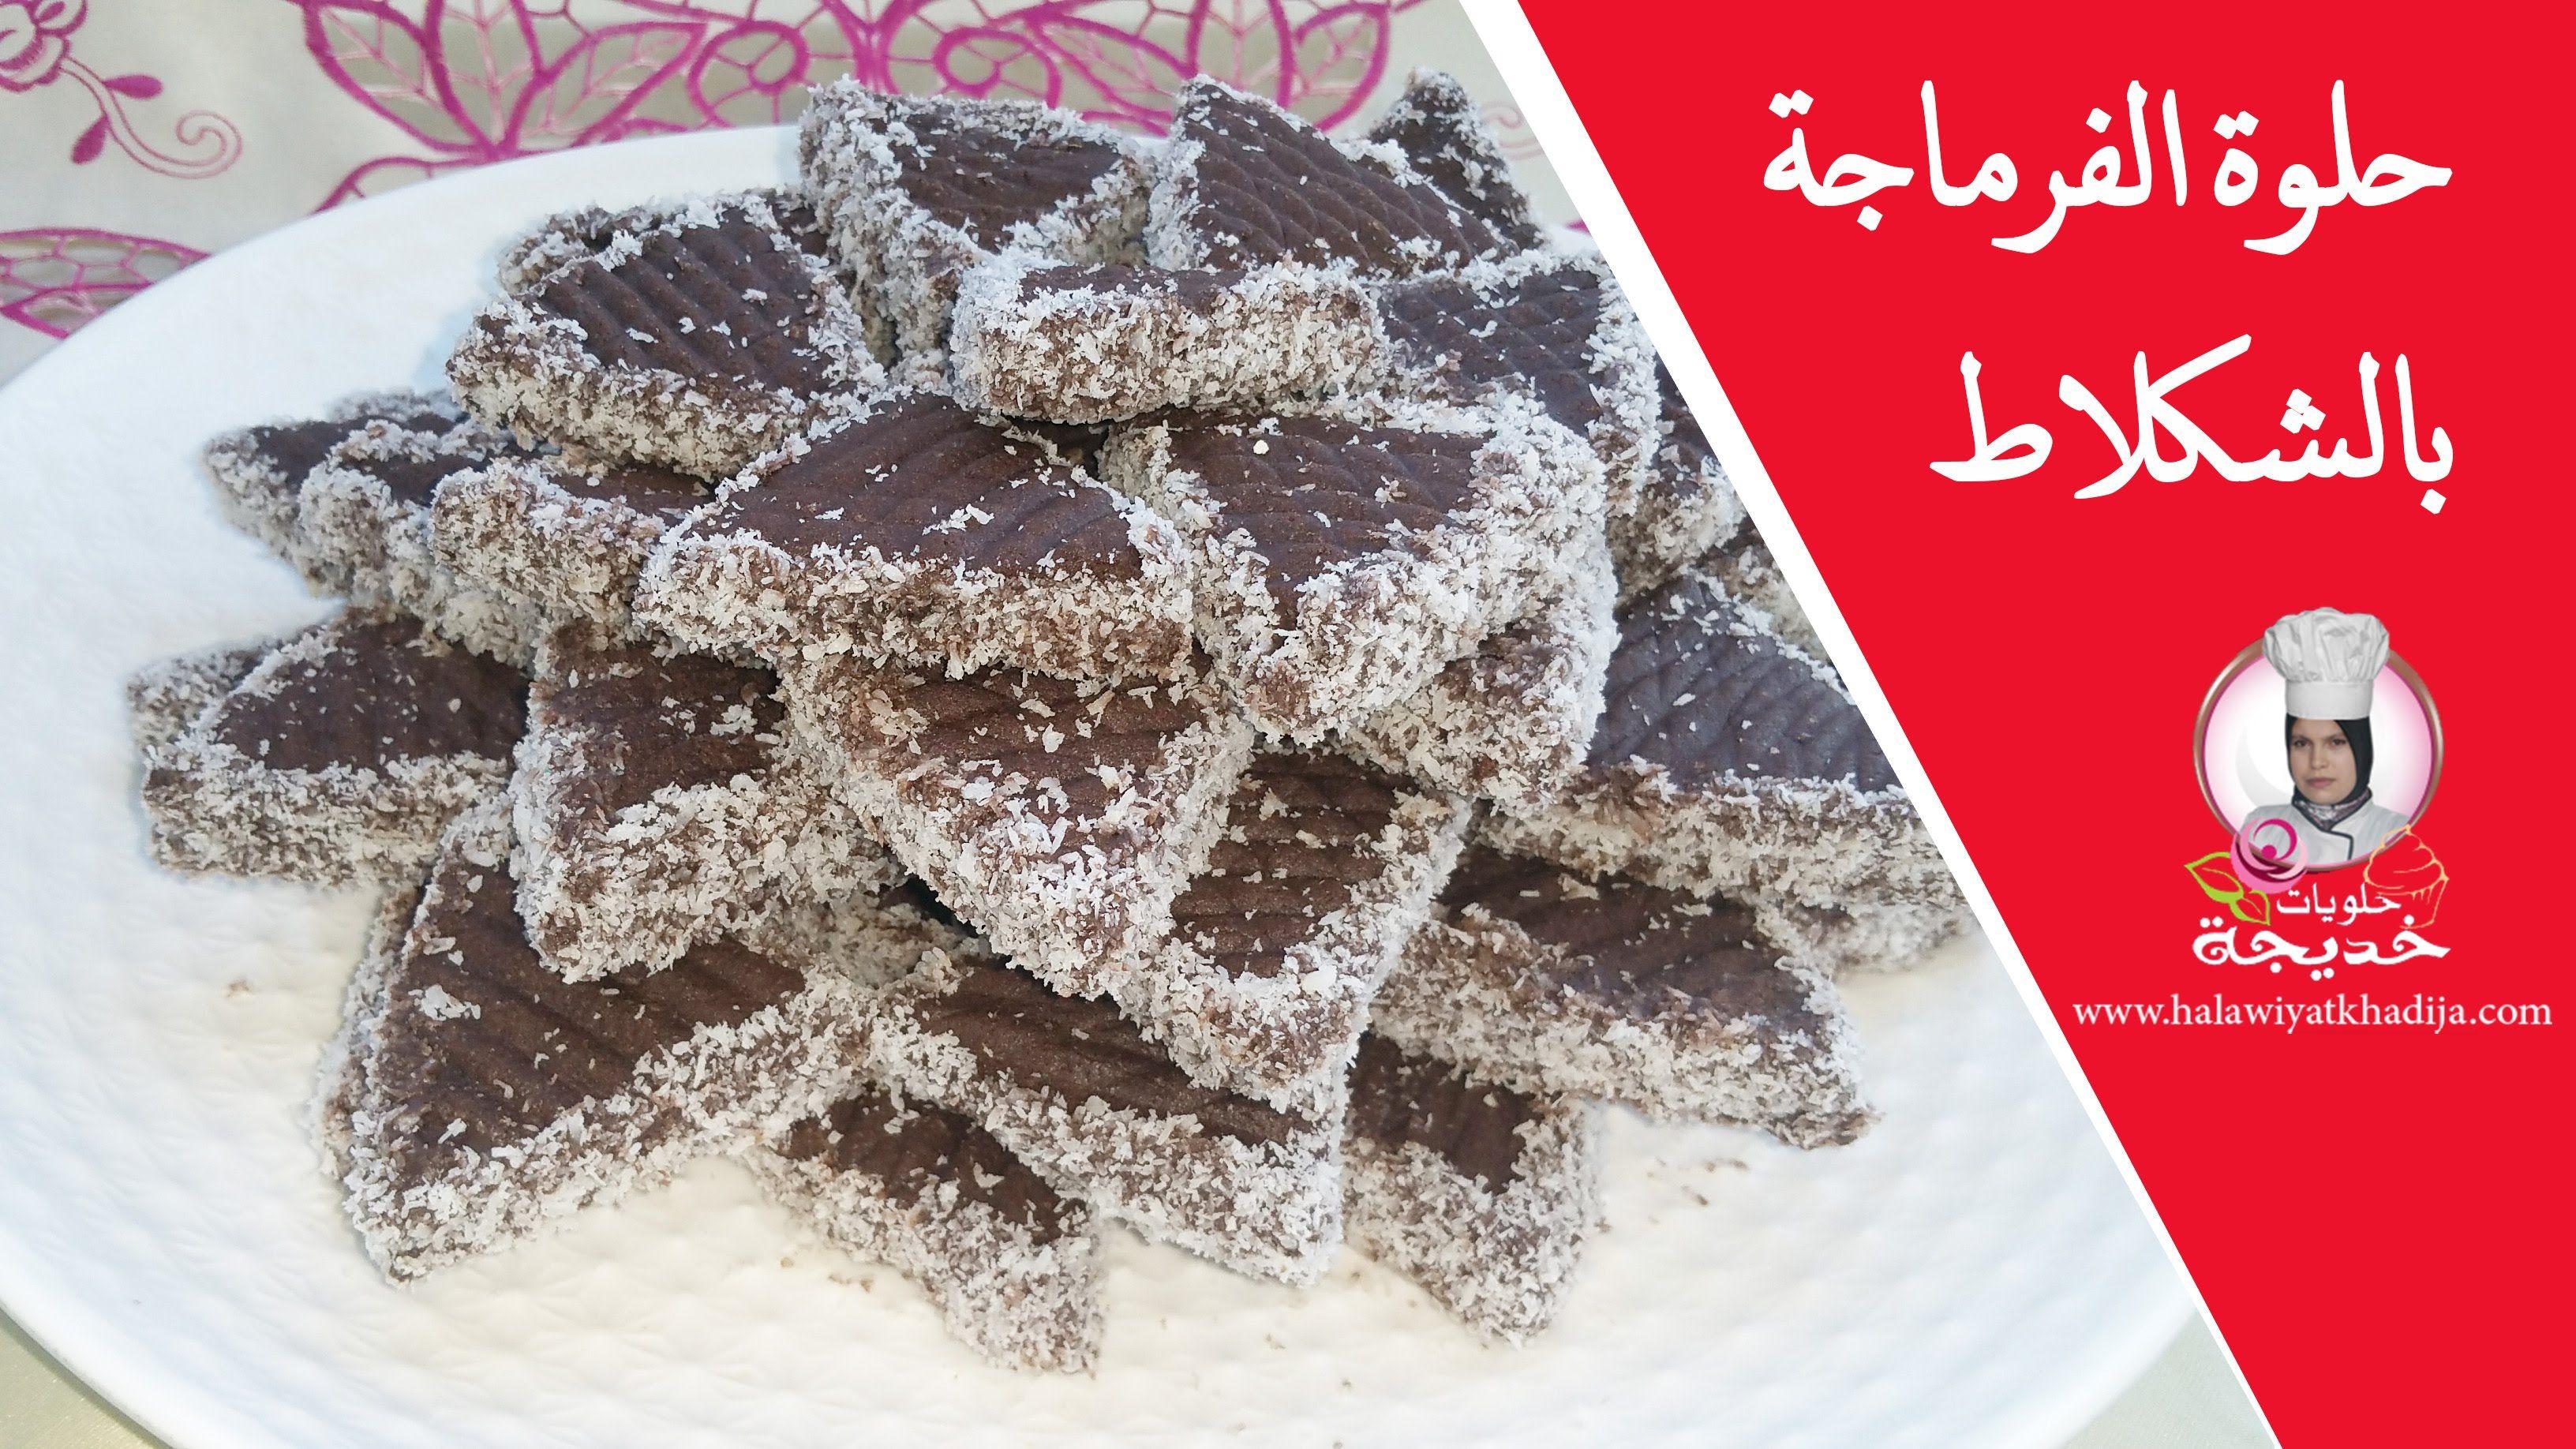 حلوة الفرماجة بالدانيت الشوكولاتة حلوة سهلة بكمية كثيرة حلويات العيد Desserts Food Brownie